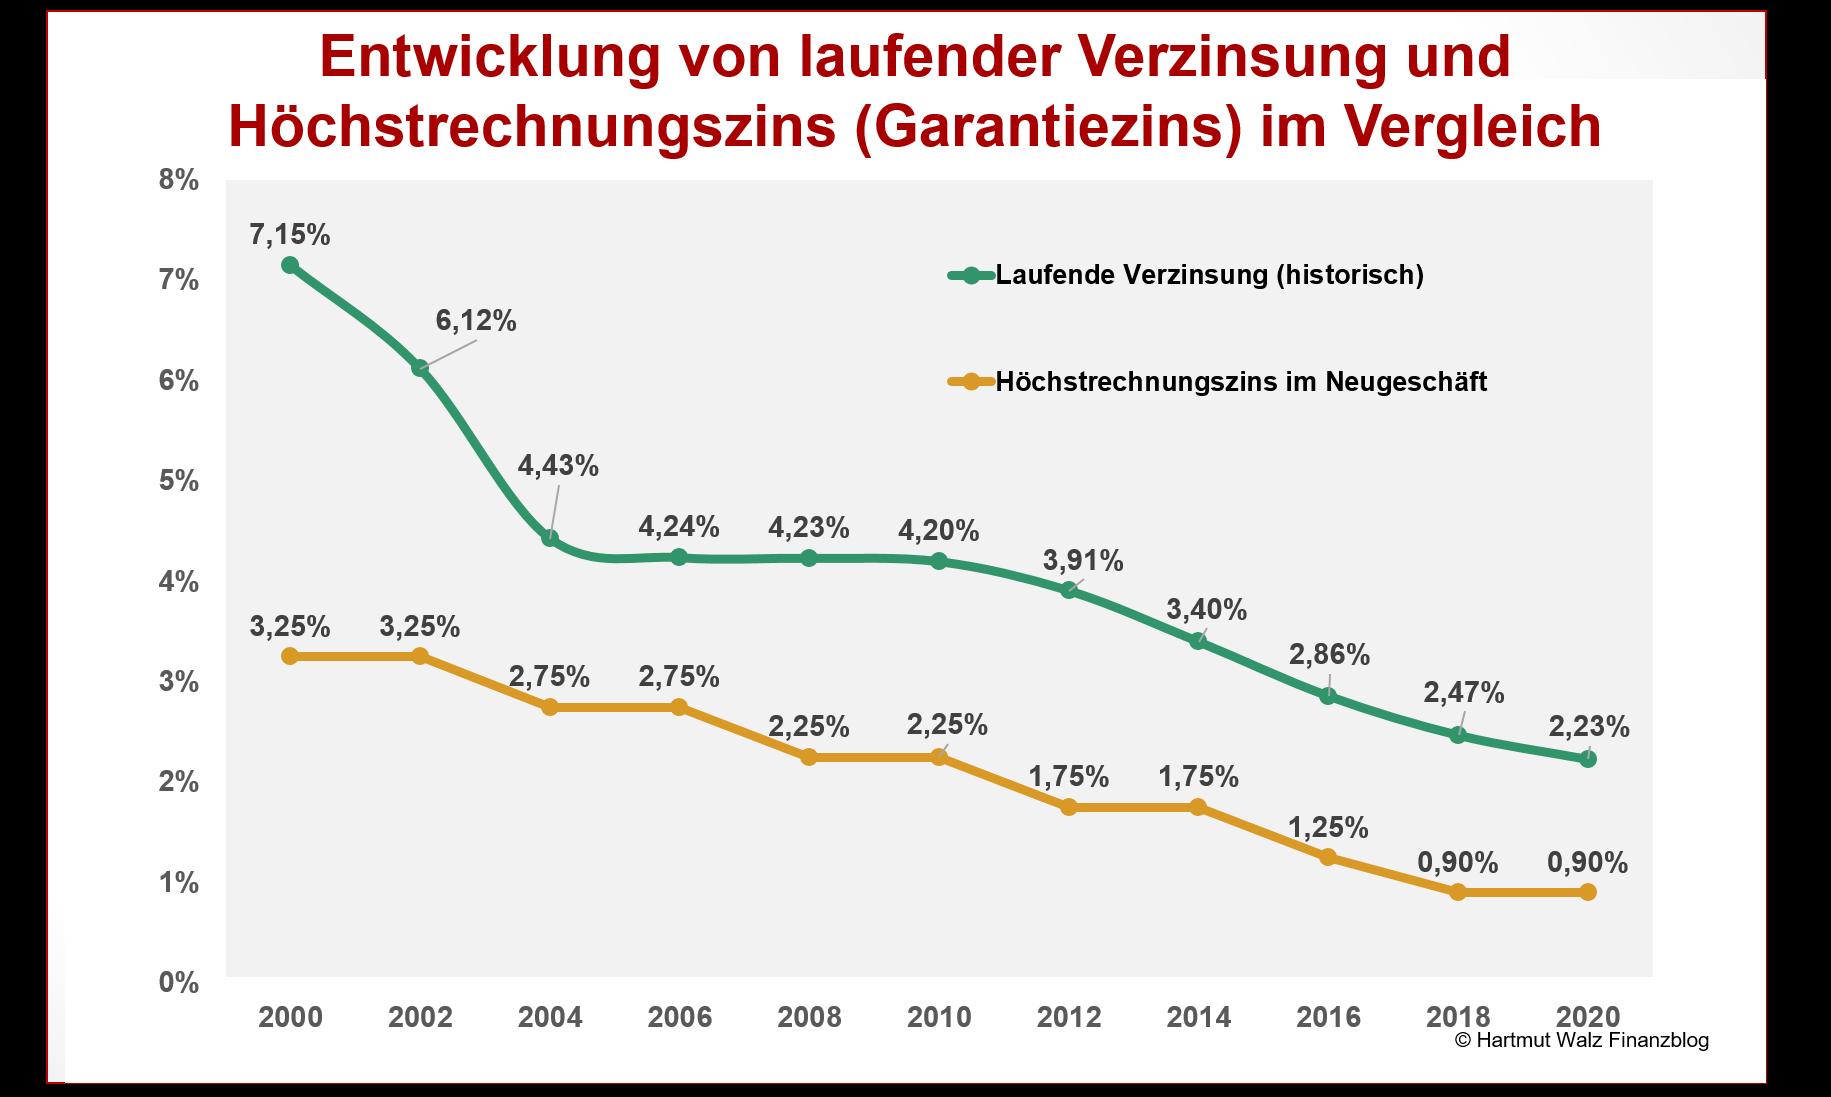 Entwicklung von laufender Verzinsung und Höchstrechnungszins (Garantiezins) im Vergleich